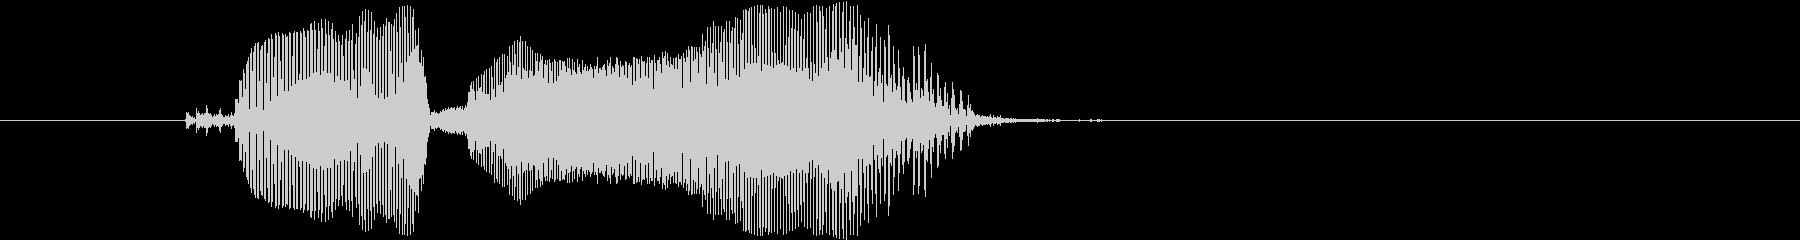 「こらー」の未再生の波形